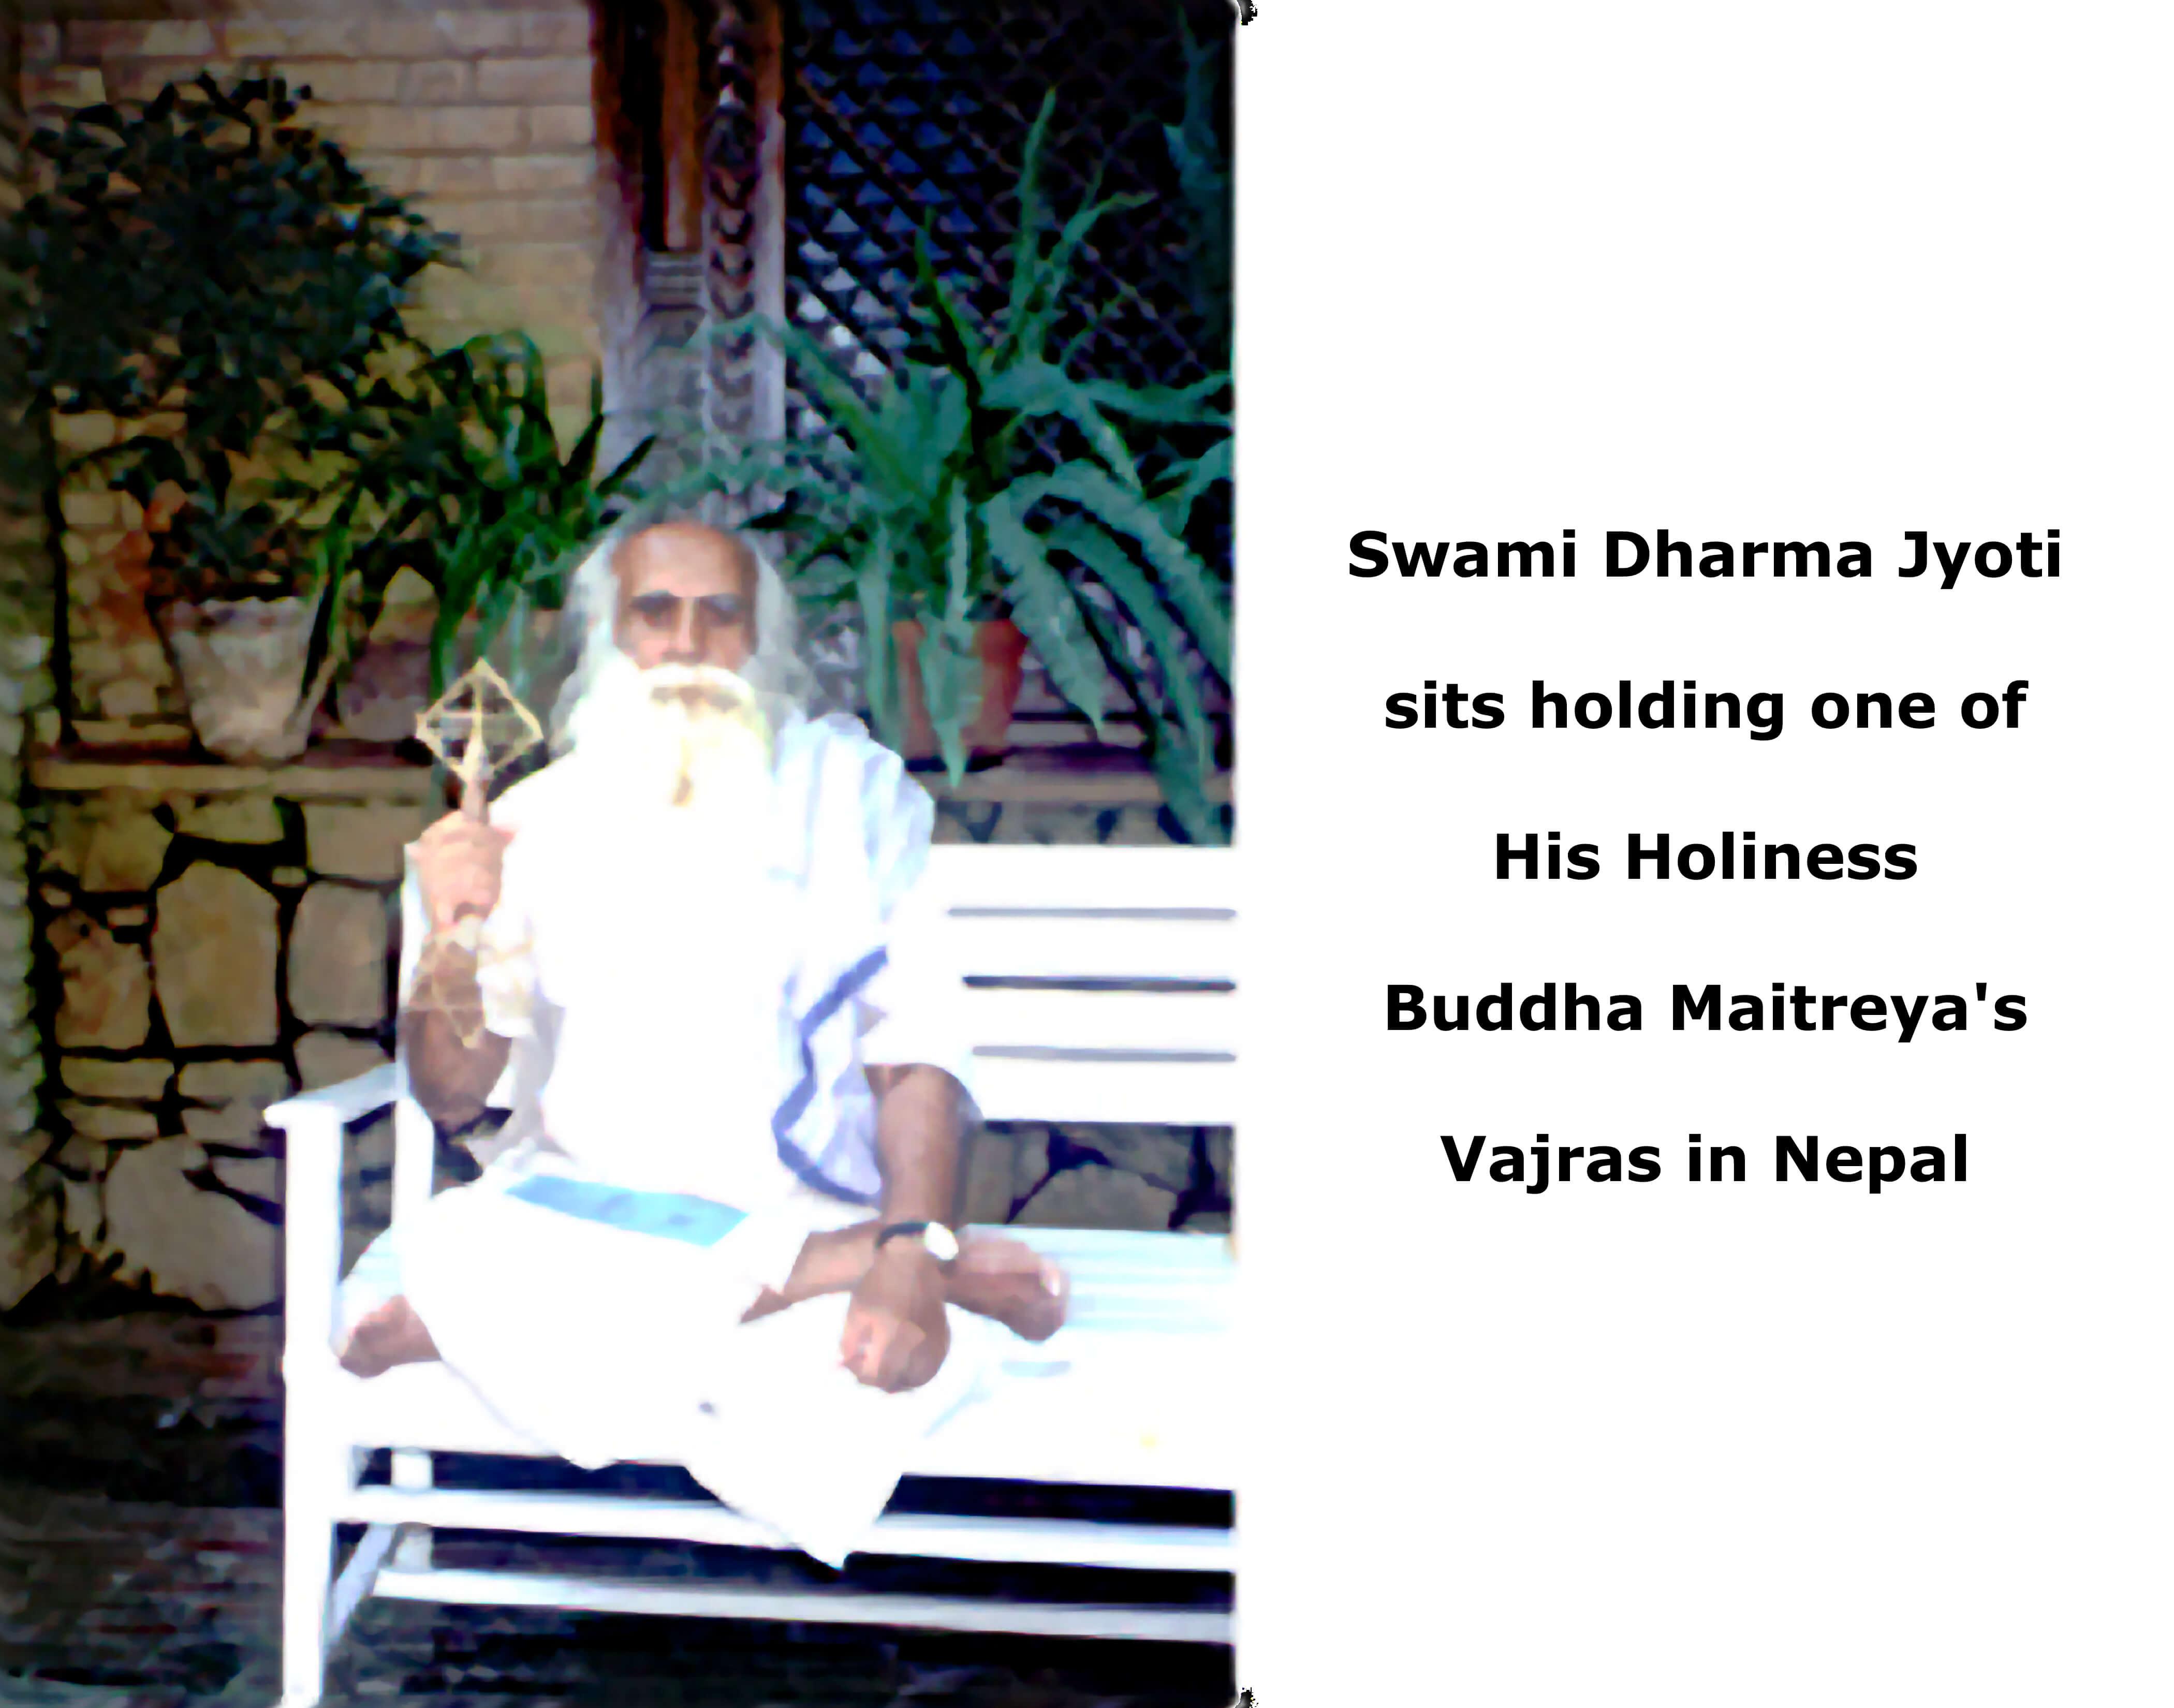 Buddha Maitreya and Swami Dharma Jyoti in Nepal